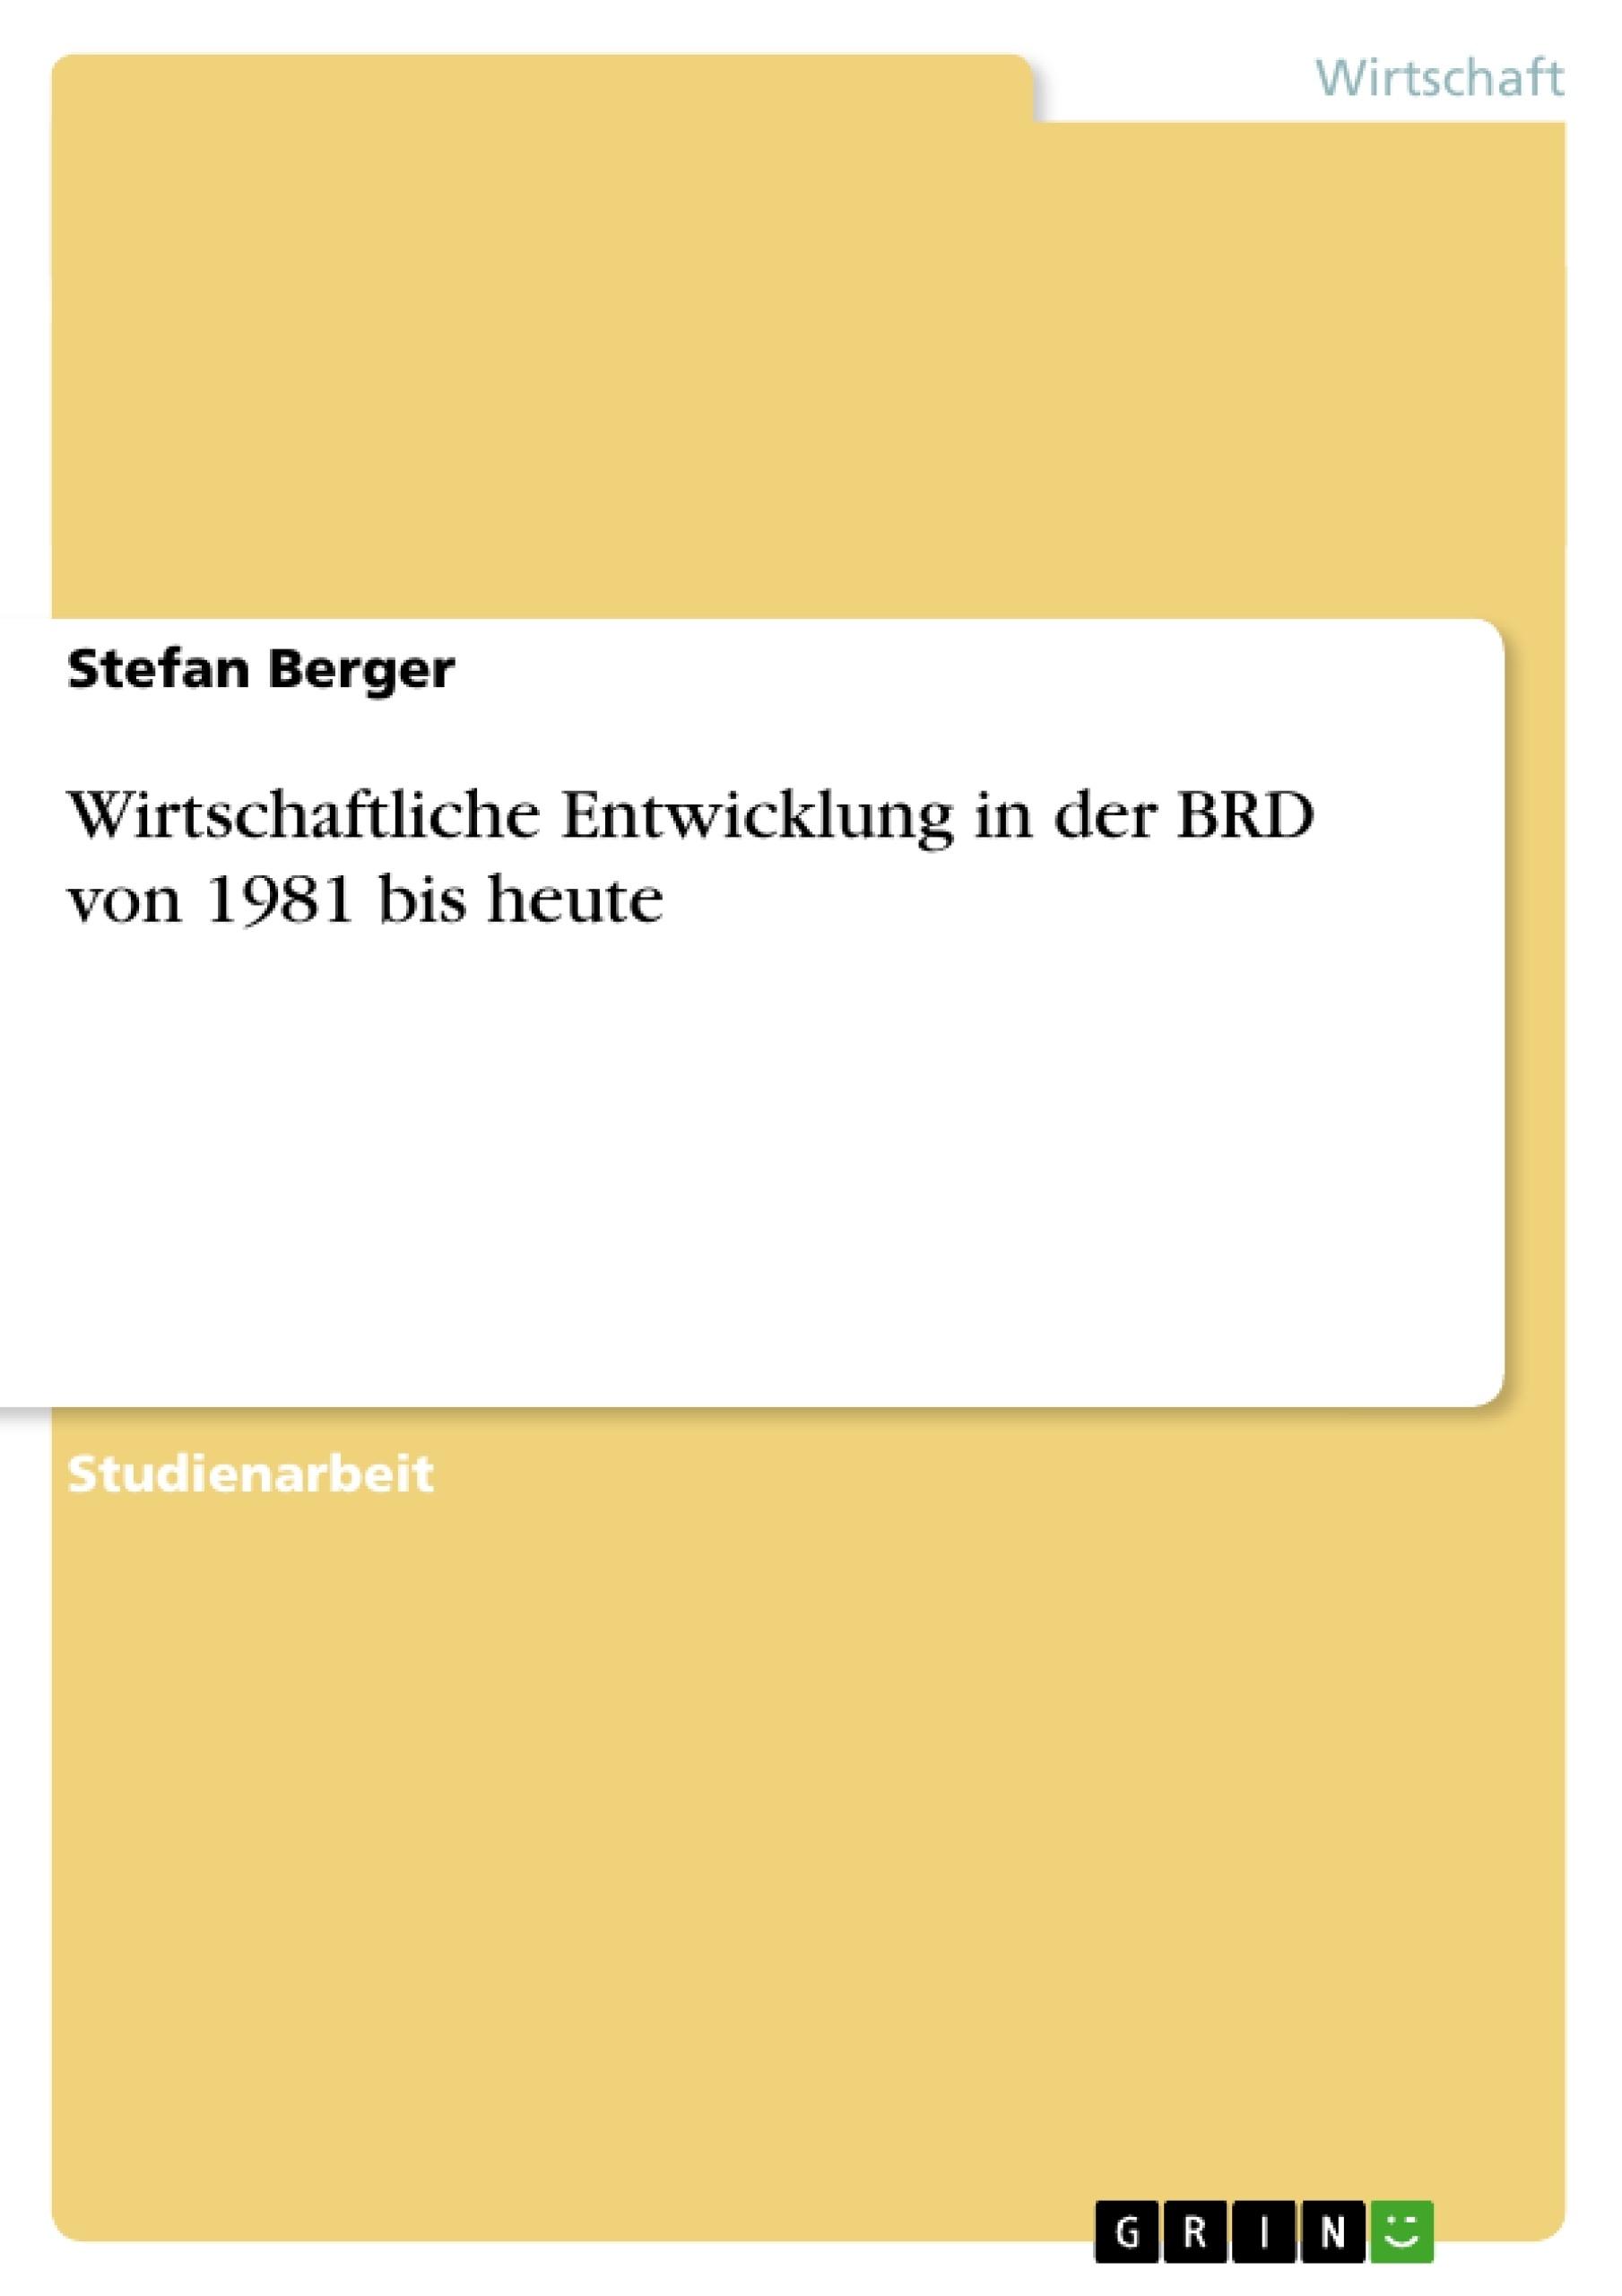 Titel: Wirtschaftliche Entwicklung in der BRD von 1981 bis heute